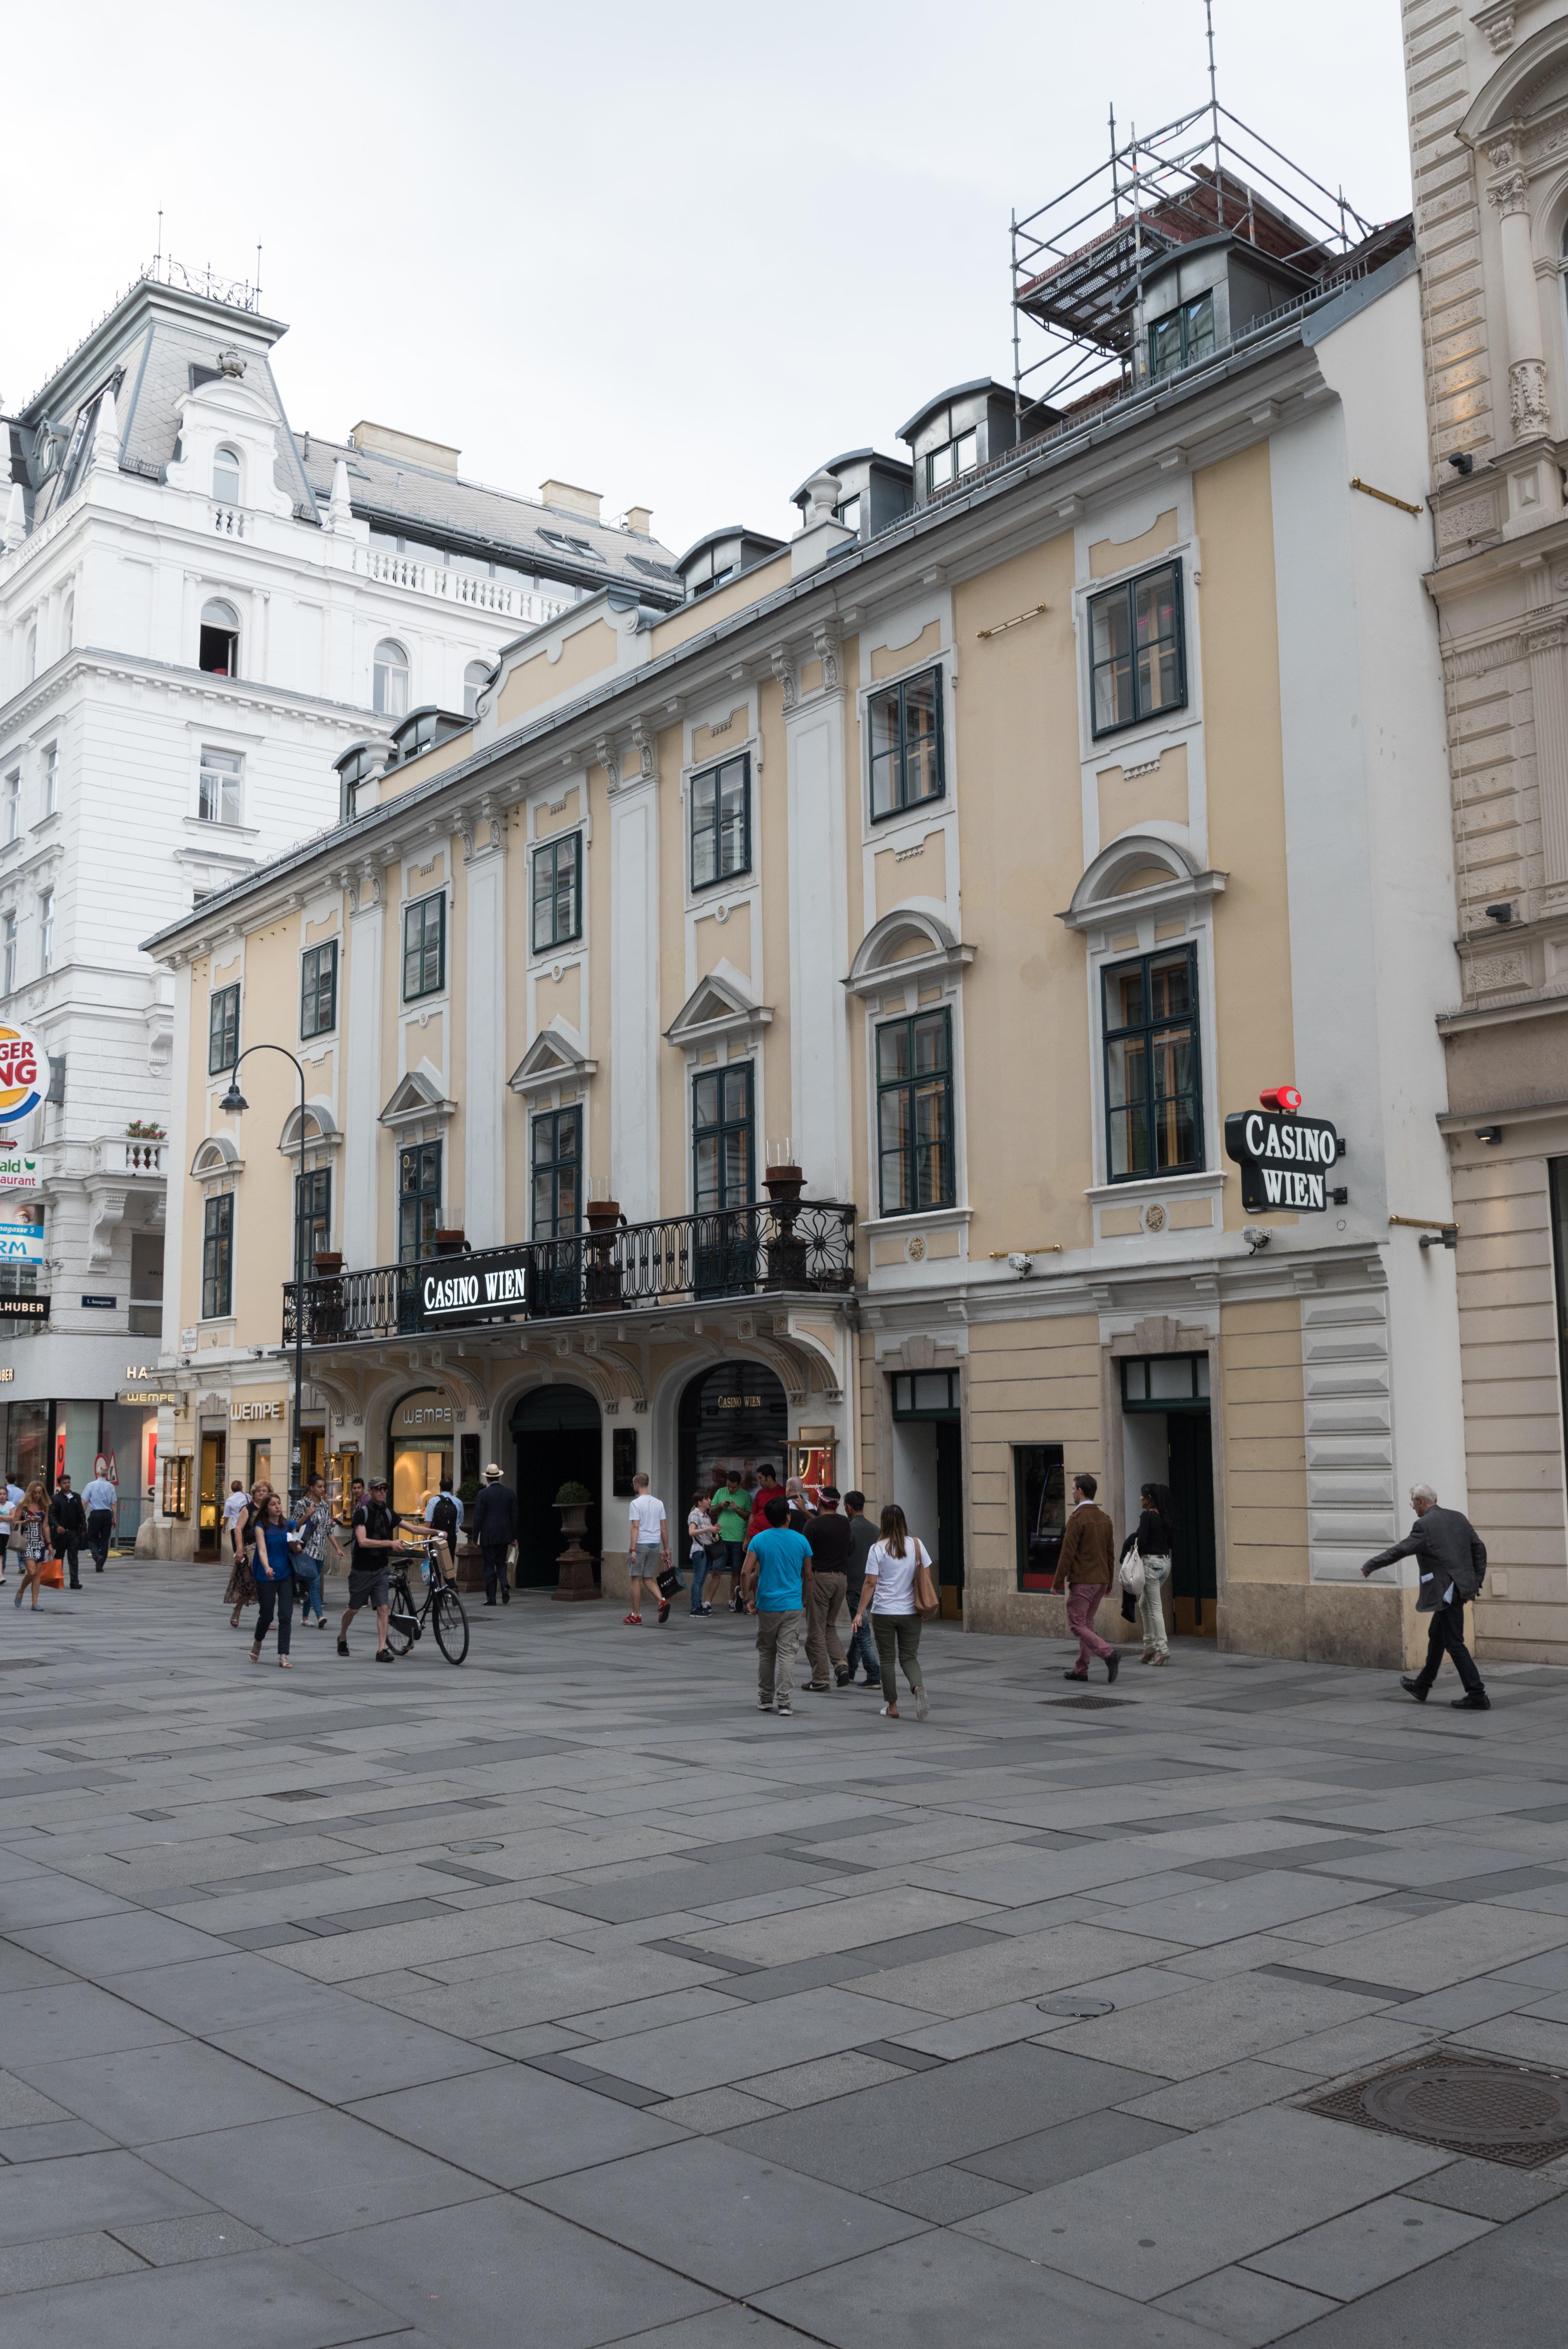 Casinos Austria Aktiengesellschaft in Linz